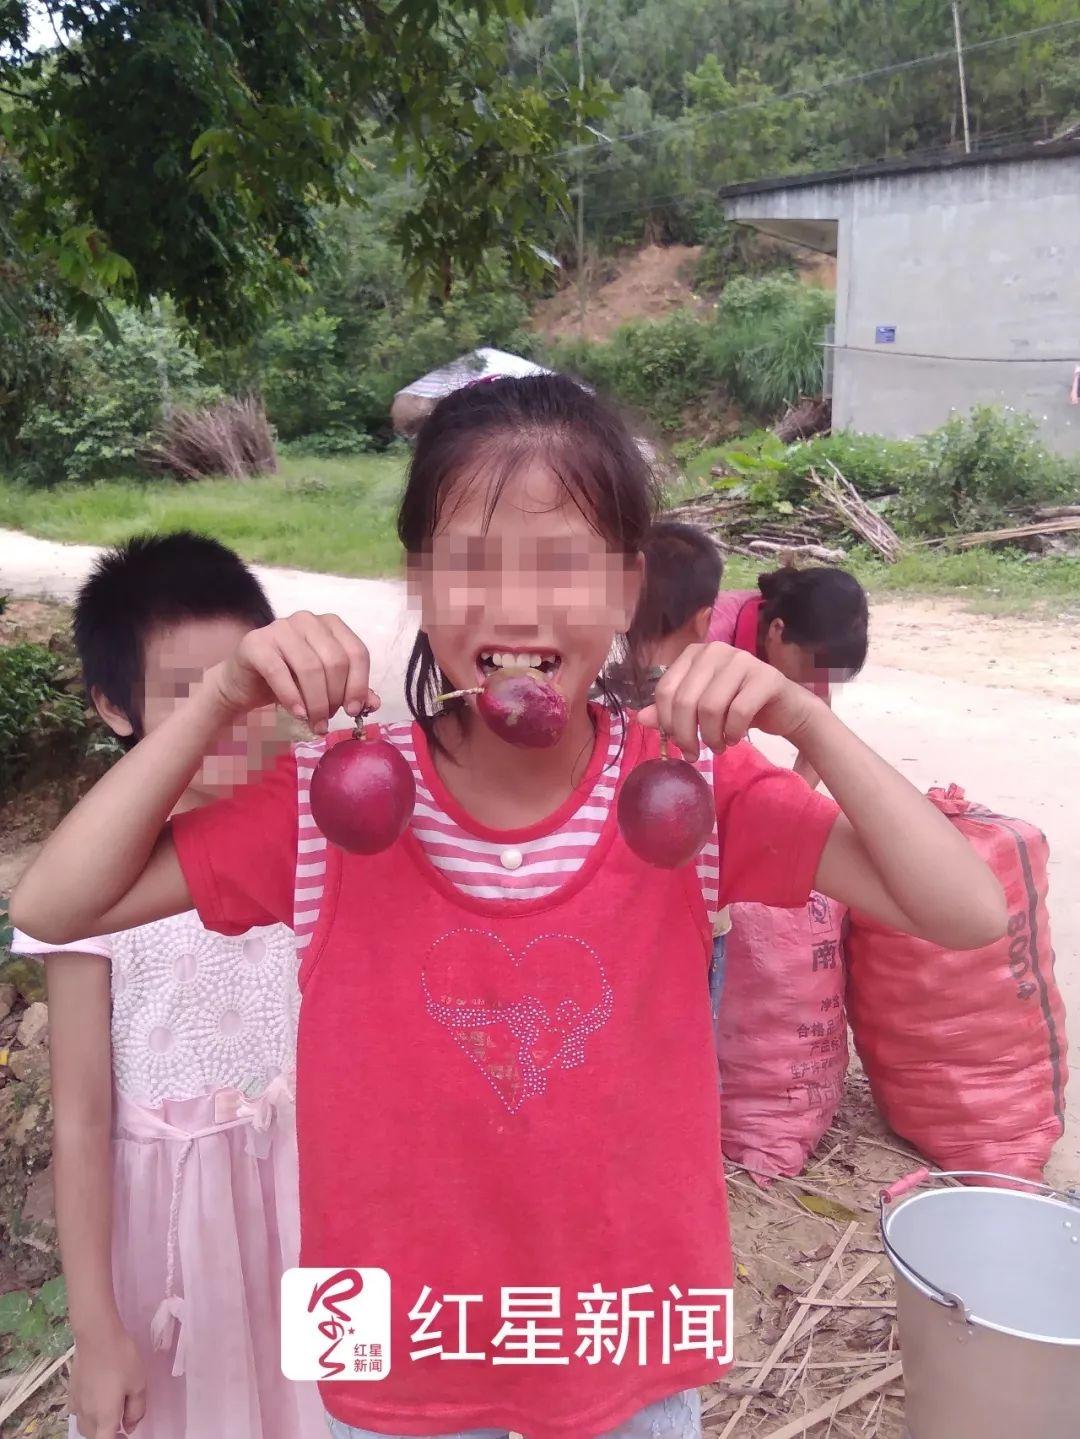 女孩卖百香果遇害下身赤裸:父亲9年前见义勇为去世